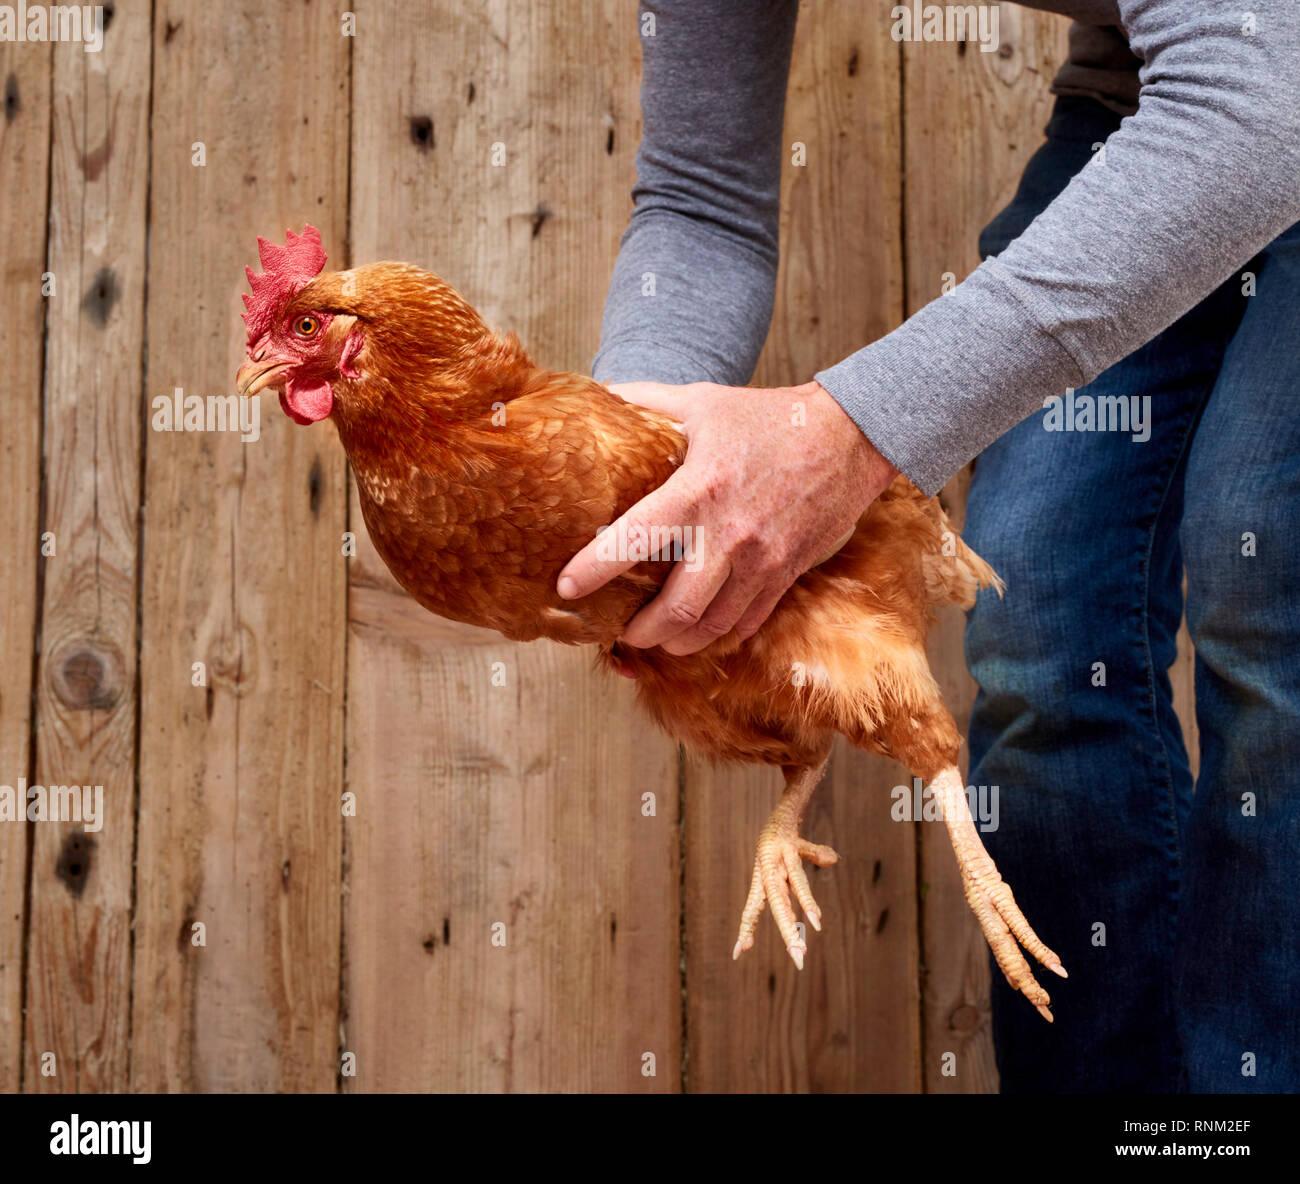 Pollo domestico. Uando si è innalzato con entrambe le mani. Germania Immagini Stock